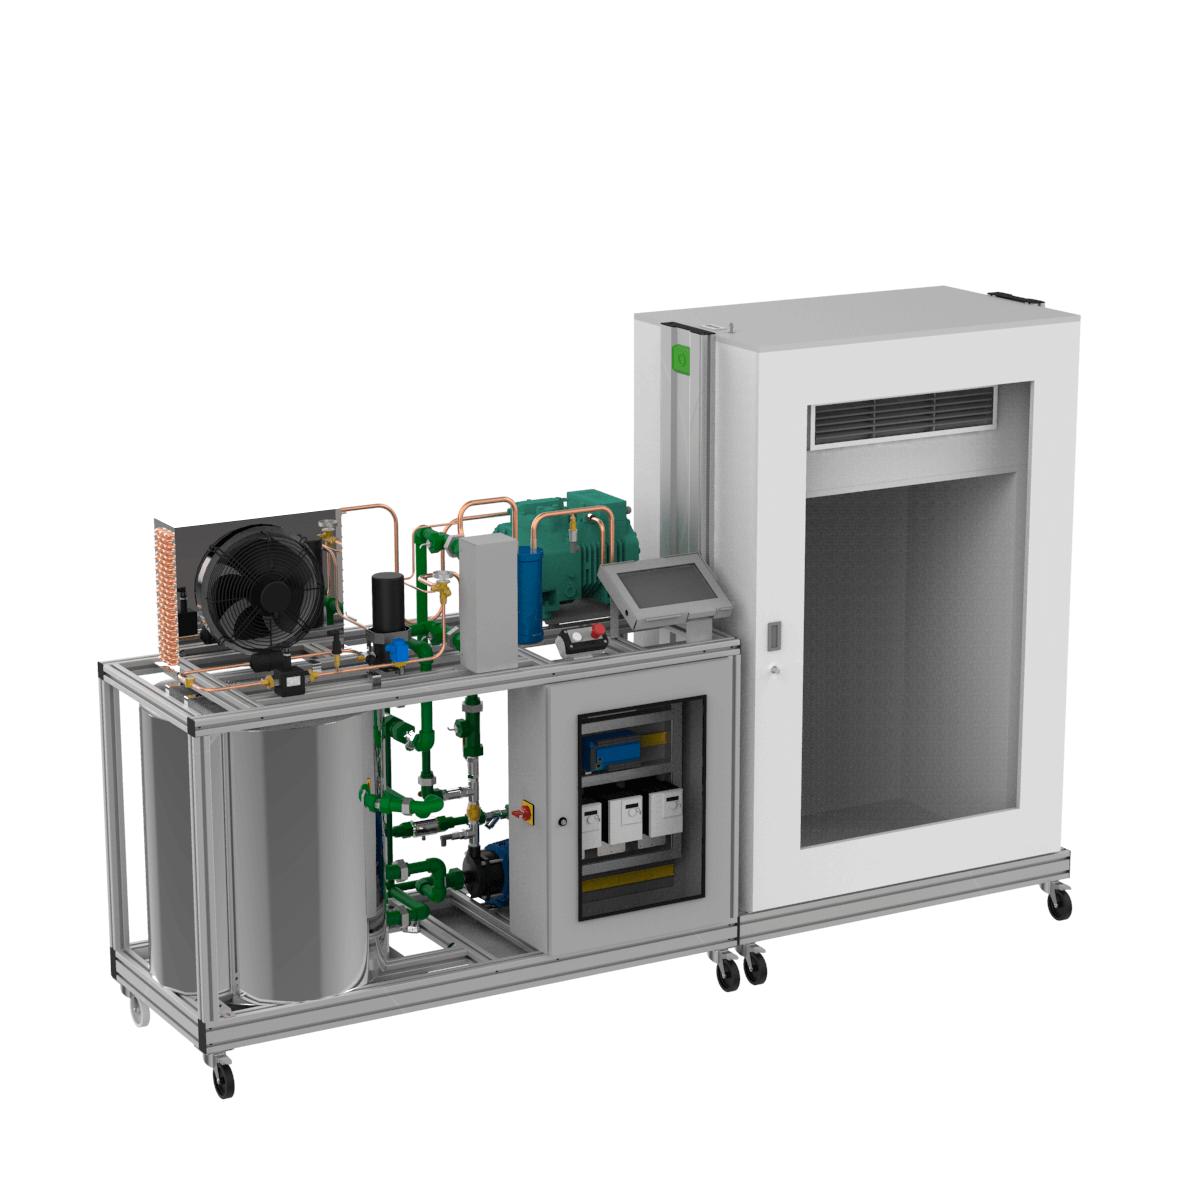 lab-de-refrigeracao-industrial-bancada-didatica-de-termoacumulacao-auttom-1